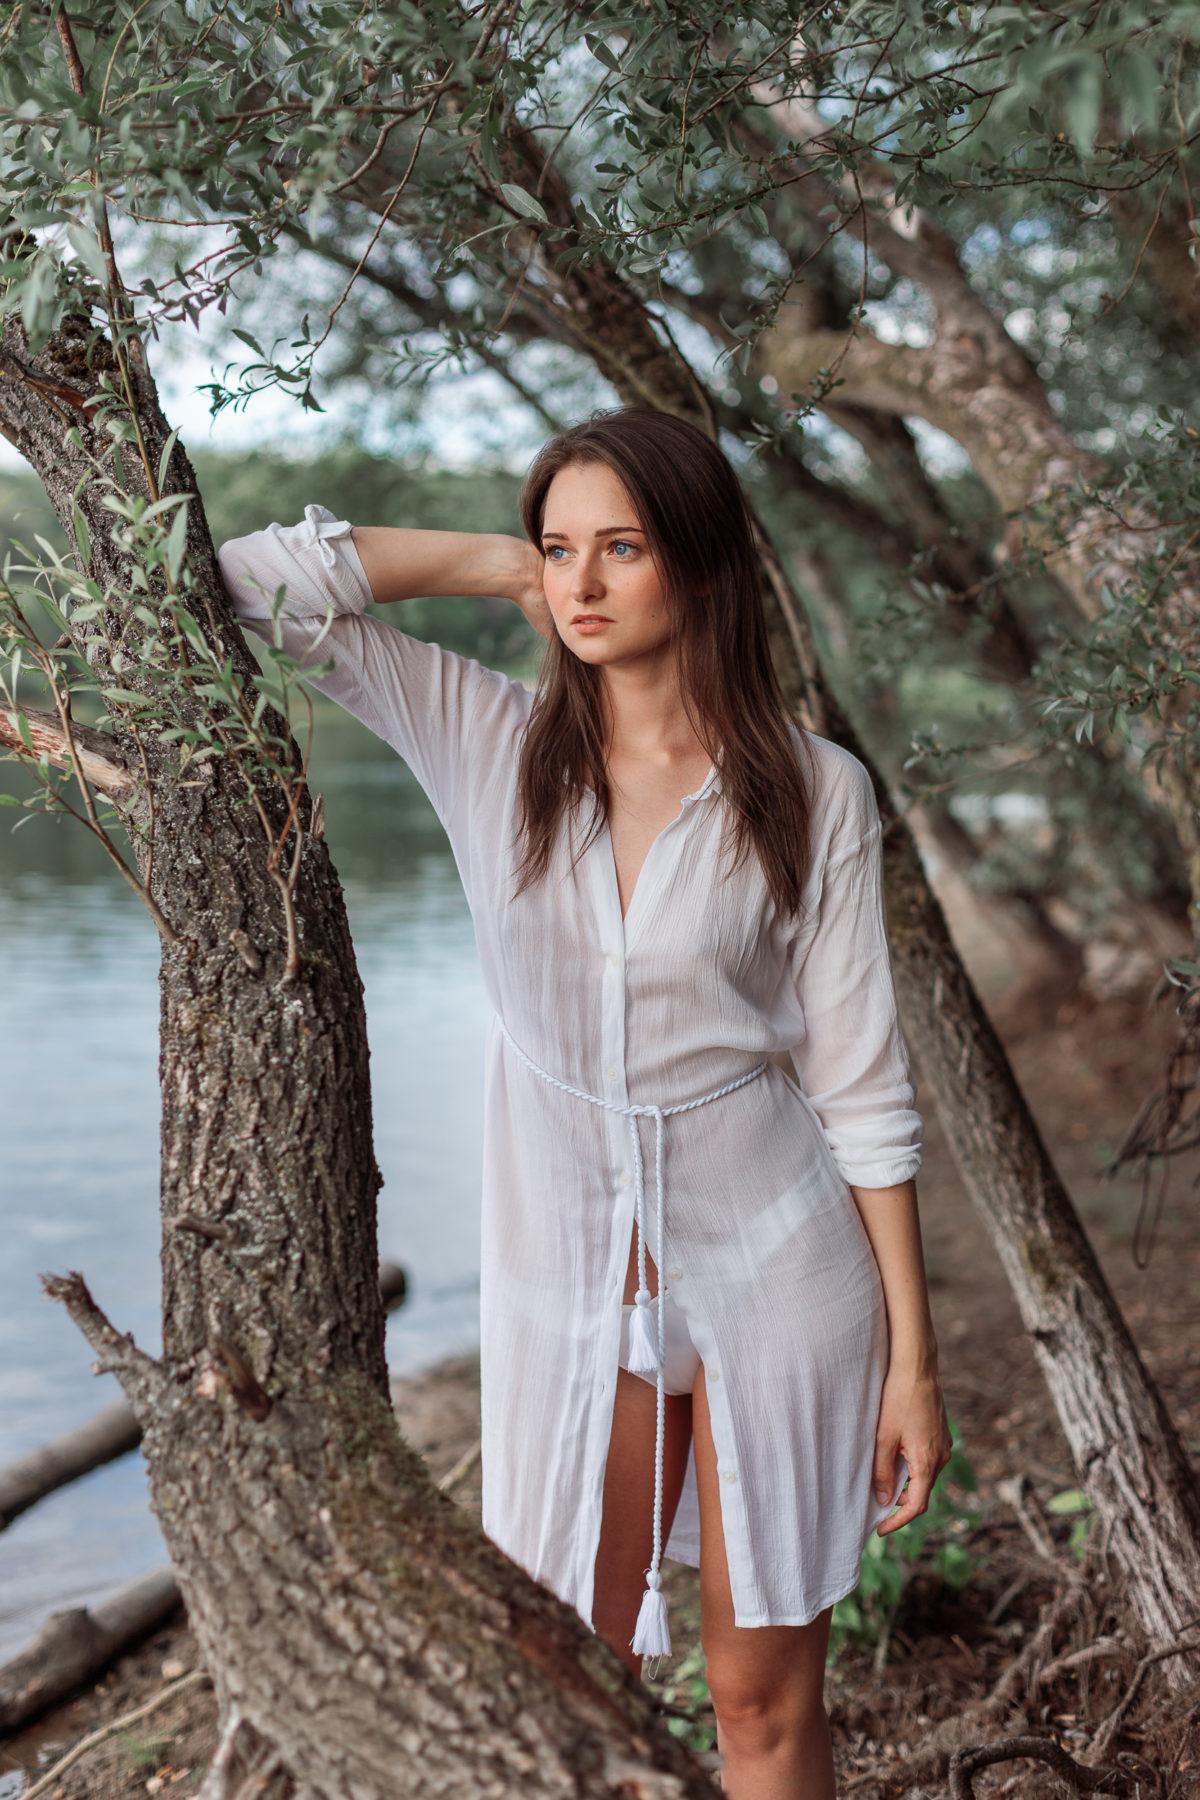 Frau zwischen Bäumen am See